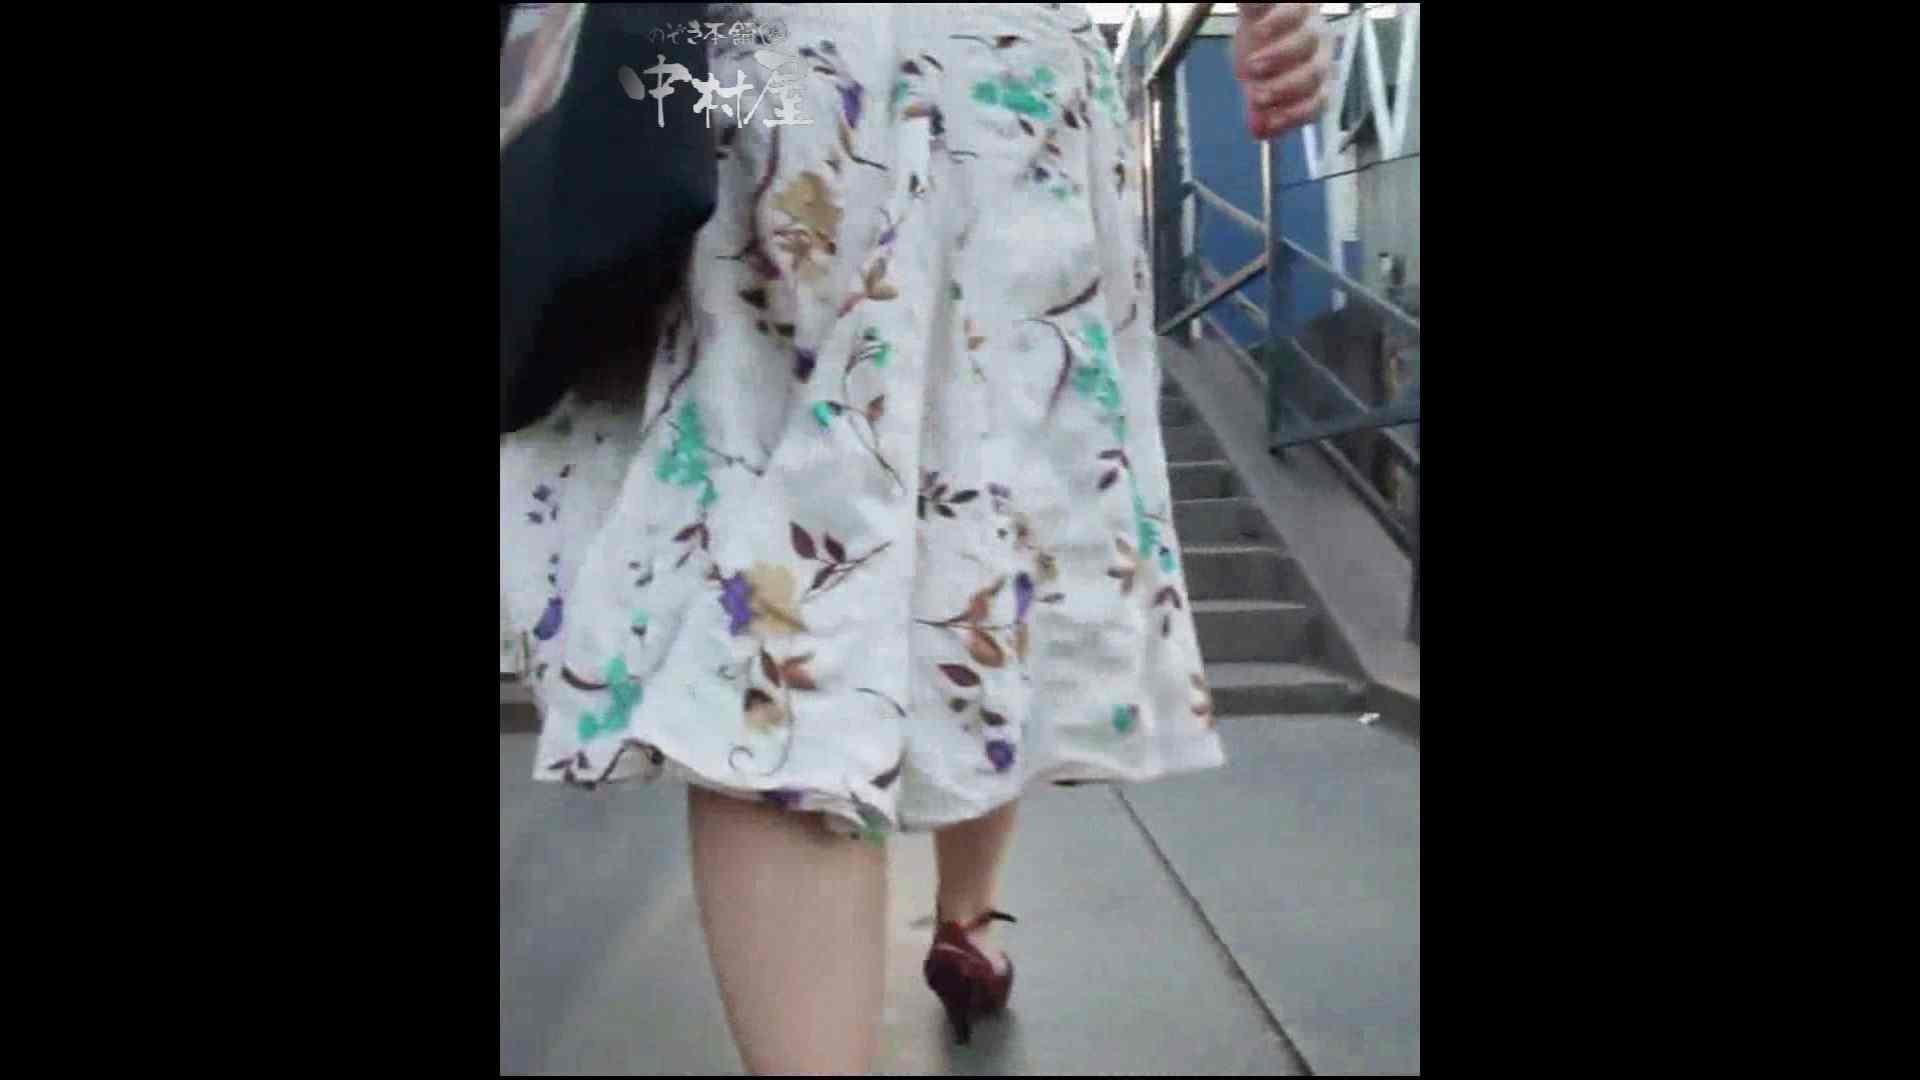 綺麗なモデルさんのスカート捲っちゃおう‼ vol23 お姉さんヌード   OLセックス  66画像 5